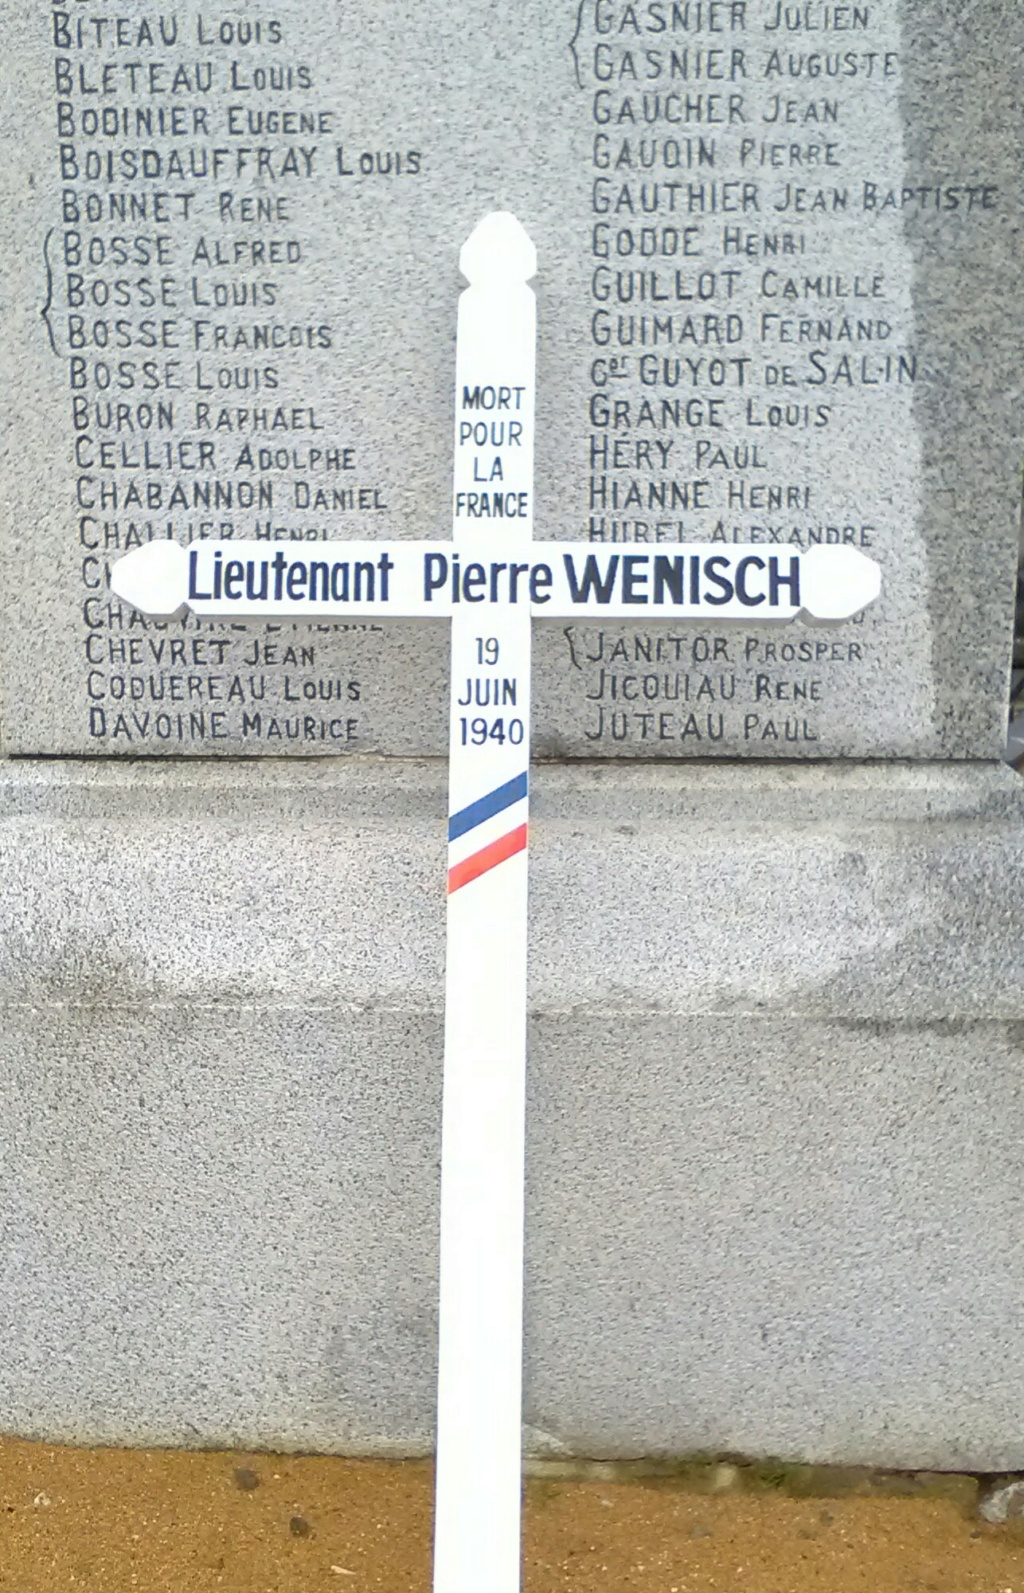 Monument à la mémoire de Pierre Wenisch - 1940 - Freigné/Candé Img_2458